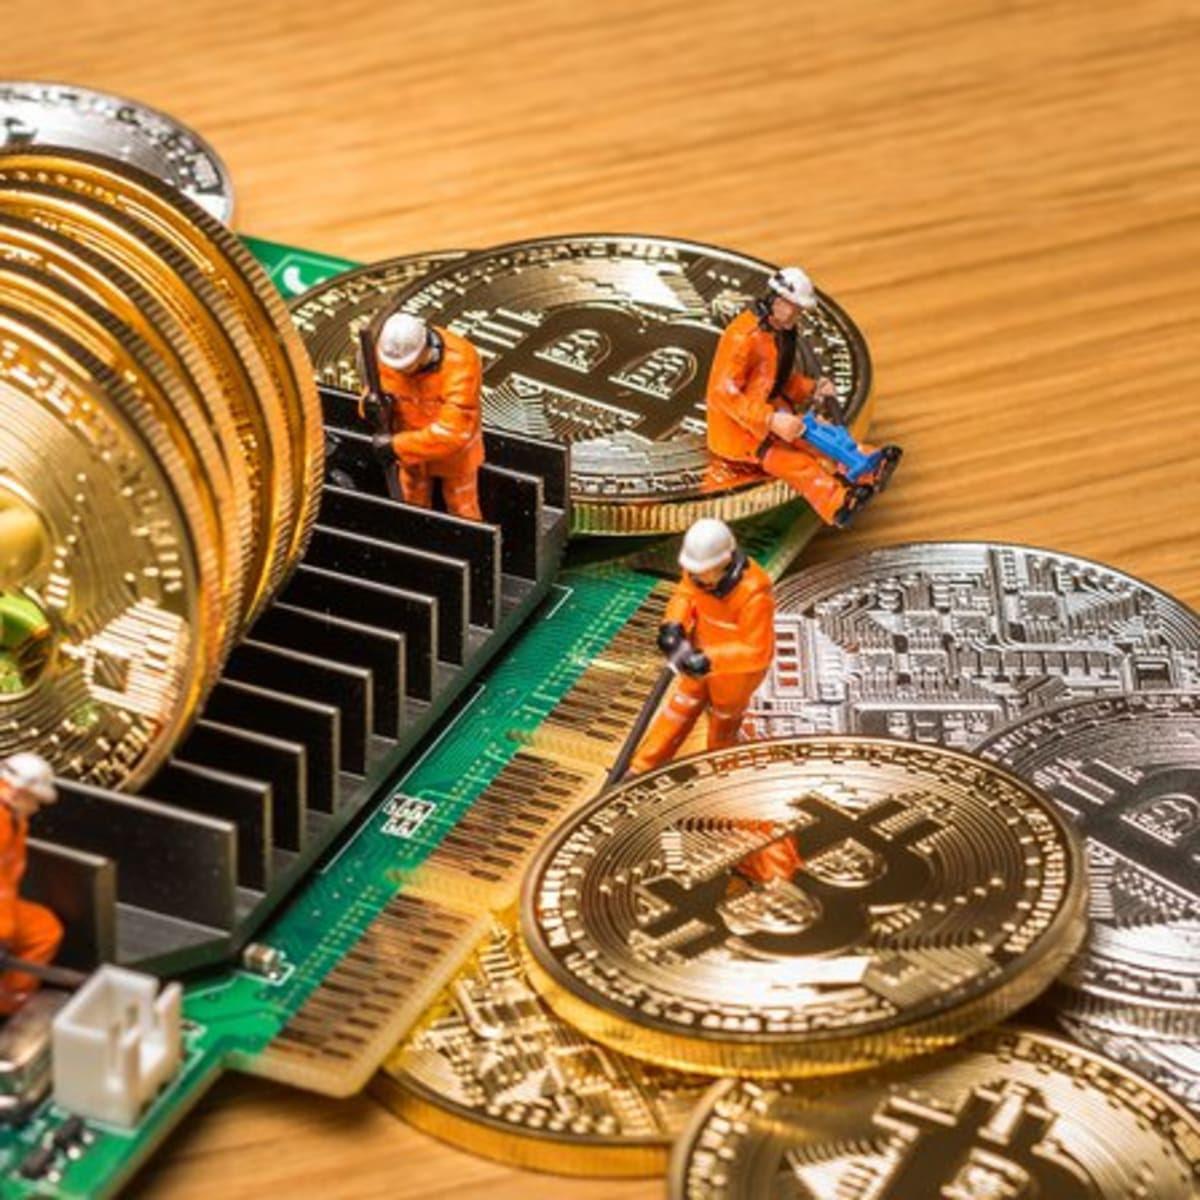 Greenidge Generation Orders 10,000 Bitcoin Miners Right After Nasdaq Listing